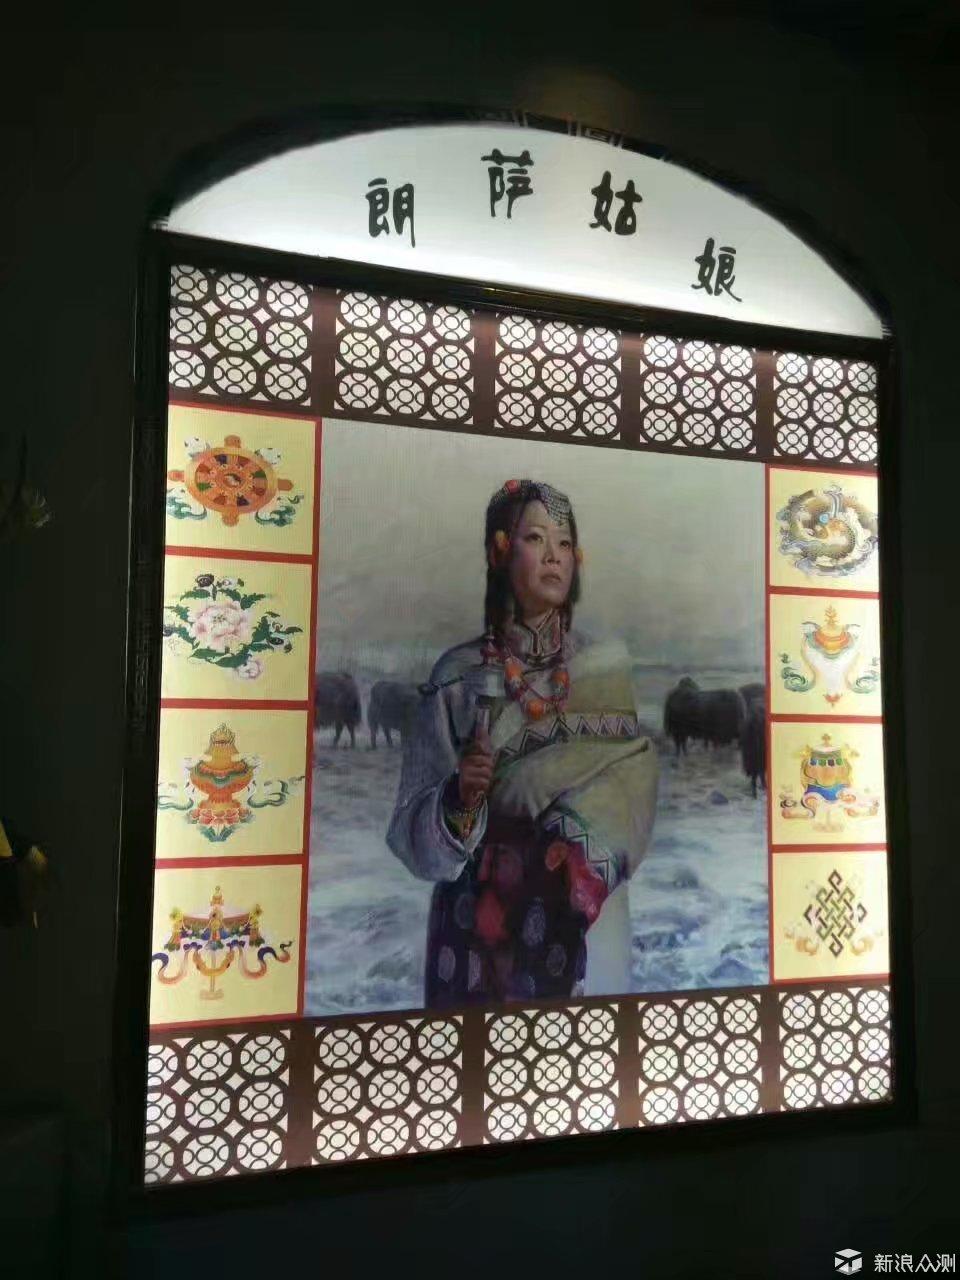 等一个人,在去一次西藏_新浪众测